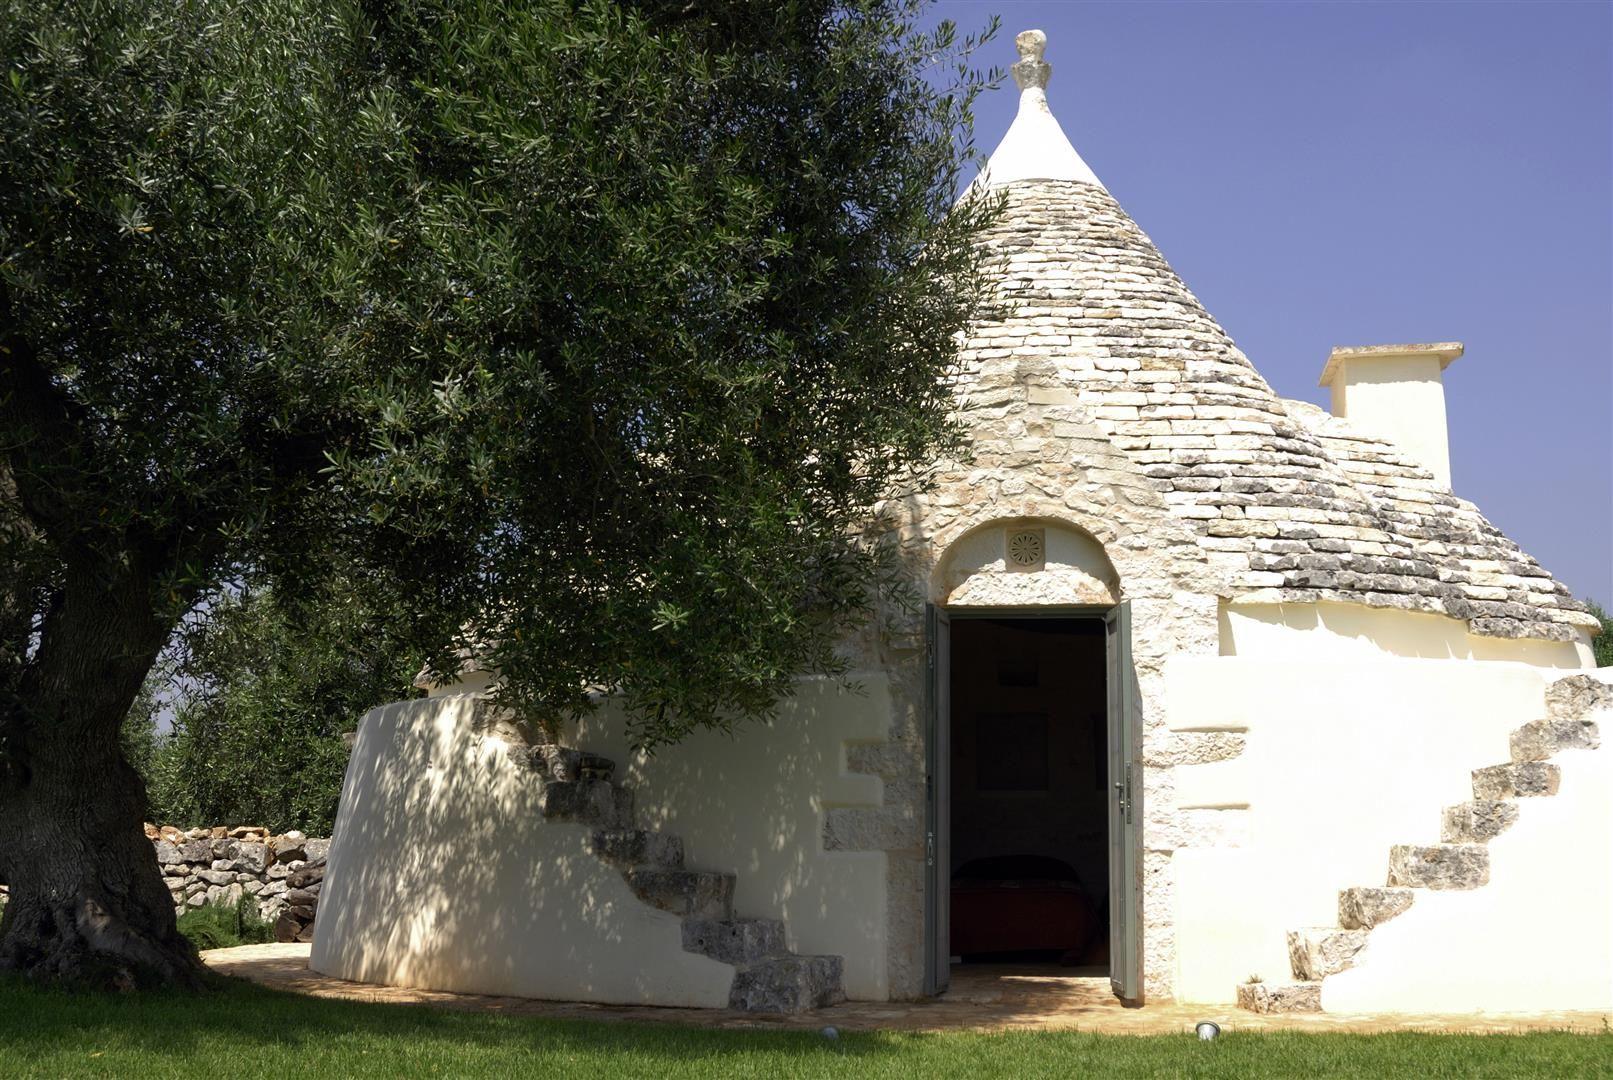 Architetti flore venezia restauro trulli e ristrutturazione